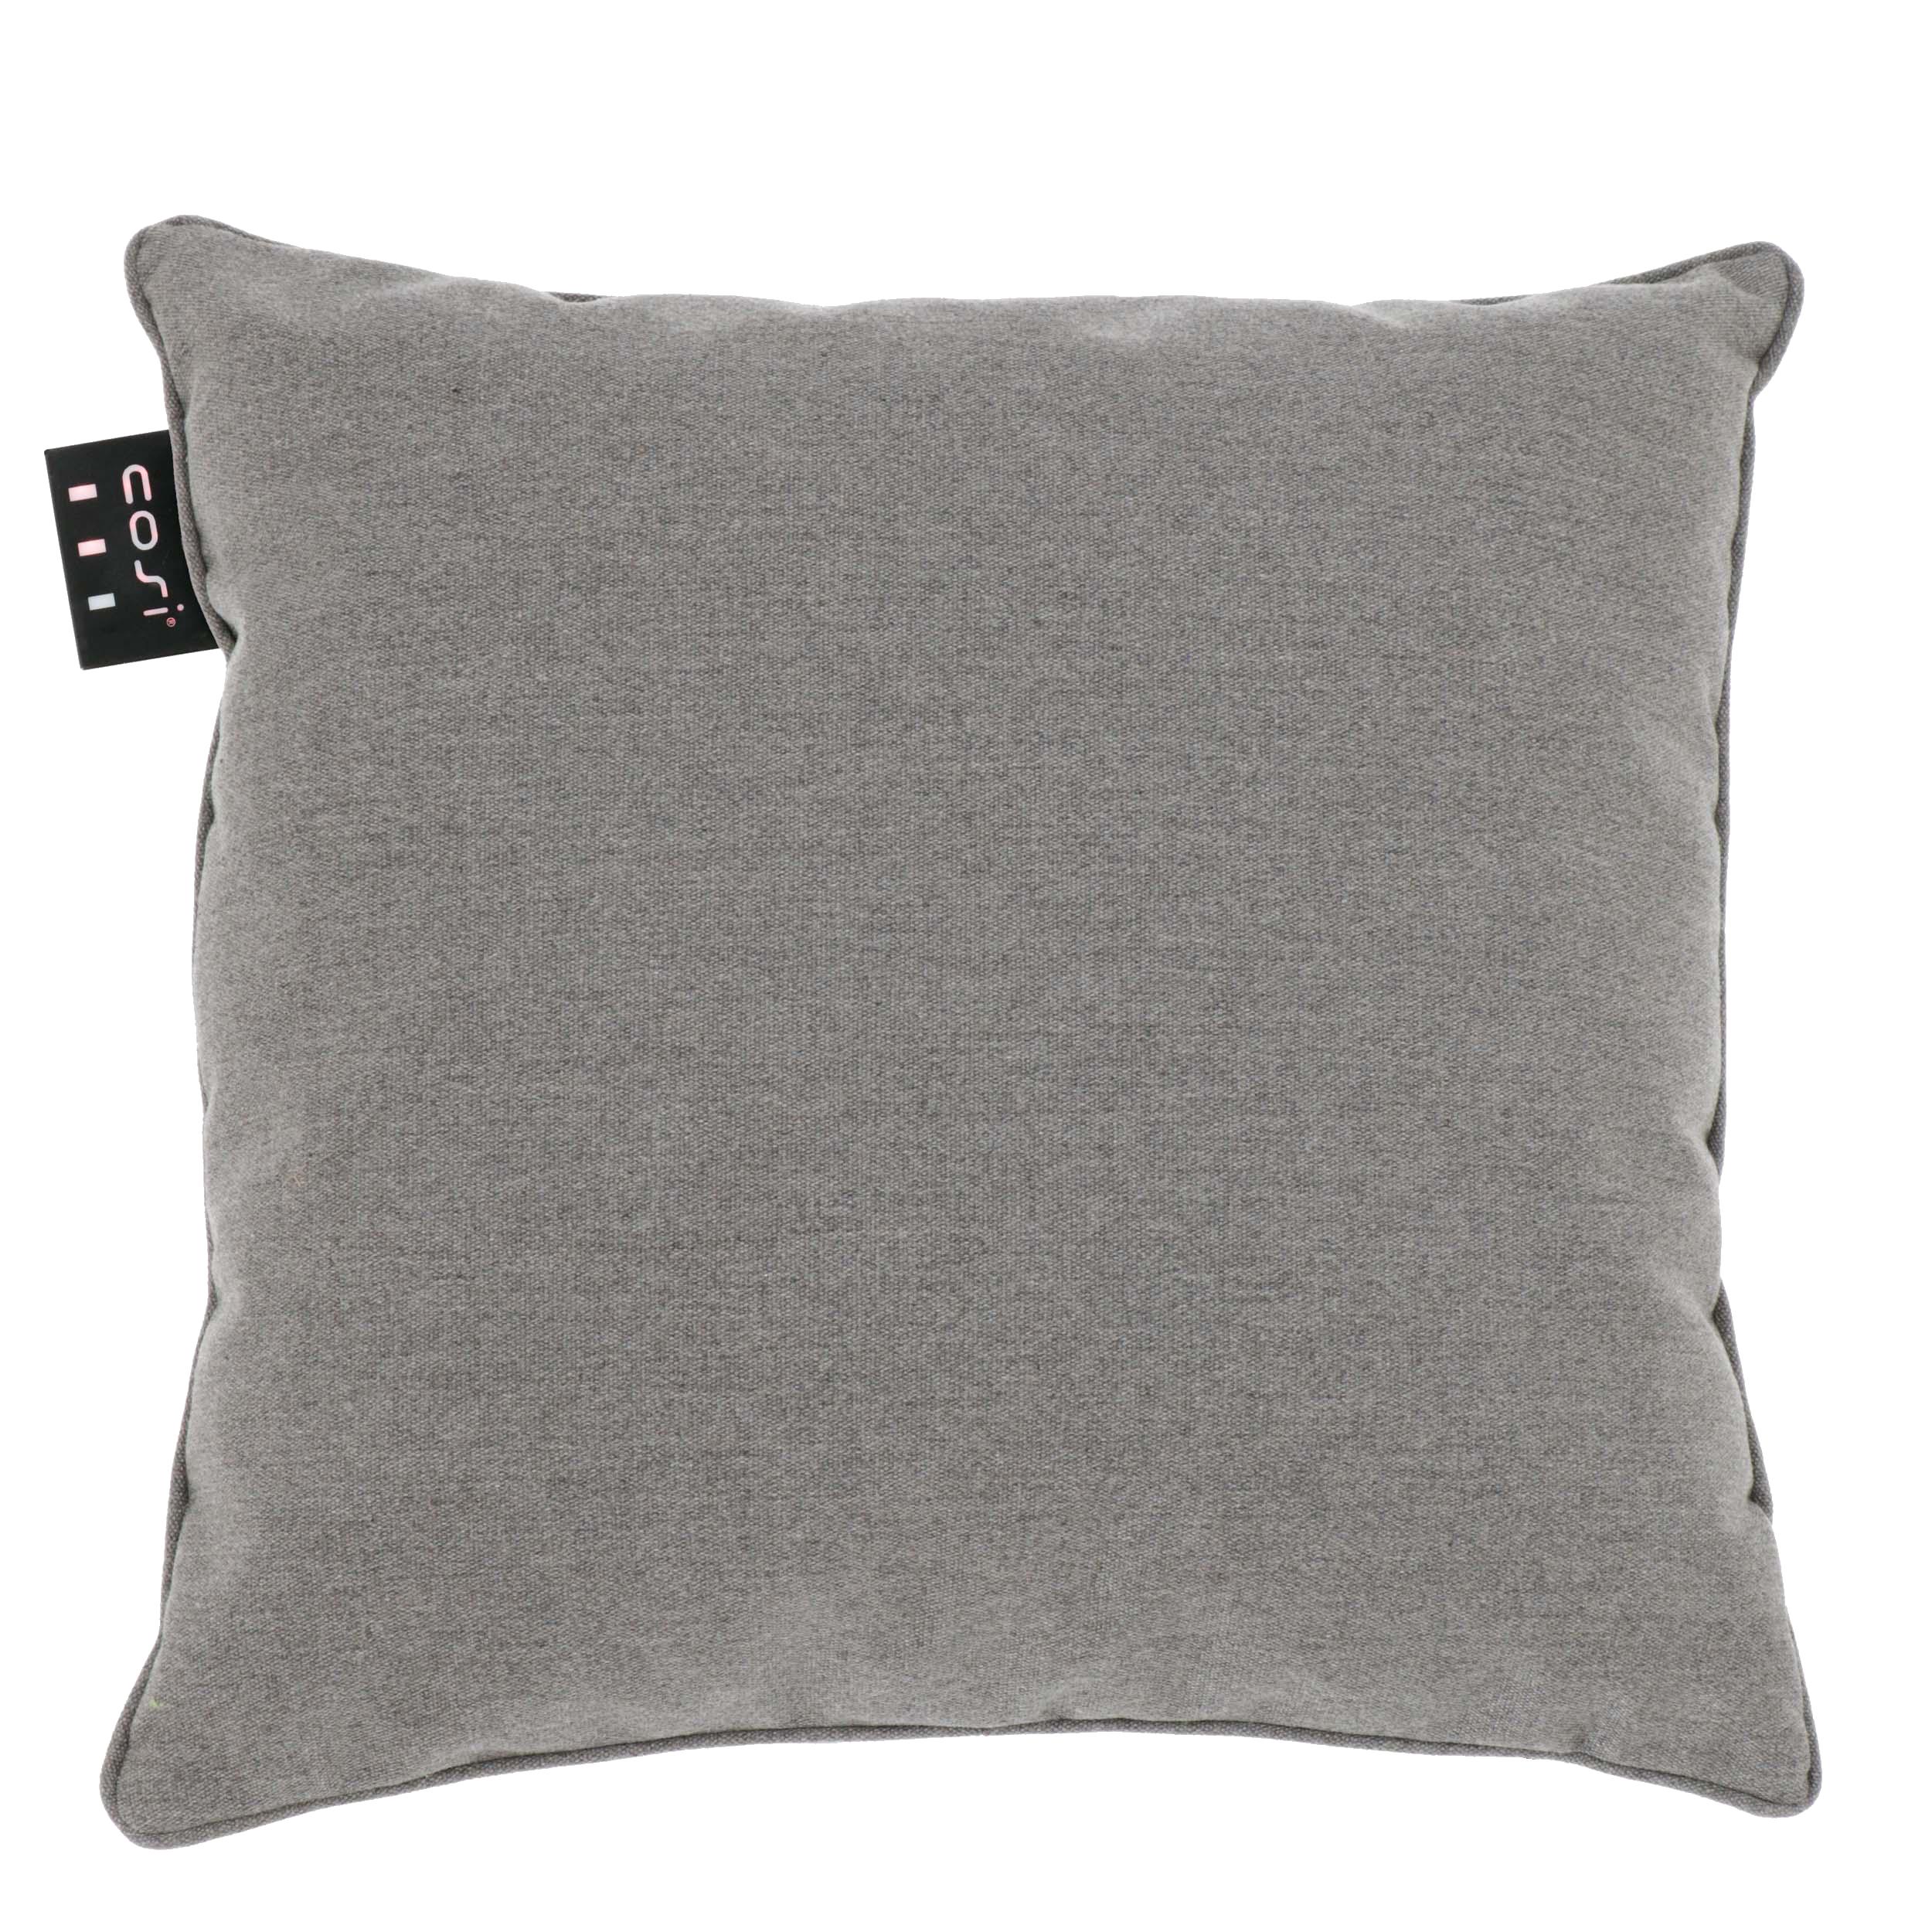 Cosi Fires vuurtafels en gaslantaarns Cosi Fires, Cosipillow solid heating cushion, afm. 50 x 50 cm, bruin/grijs